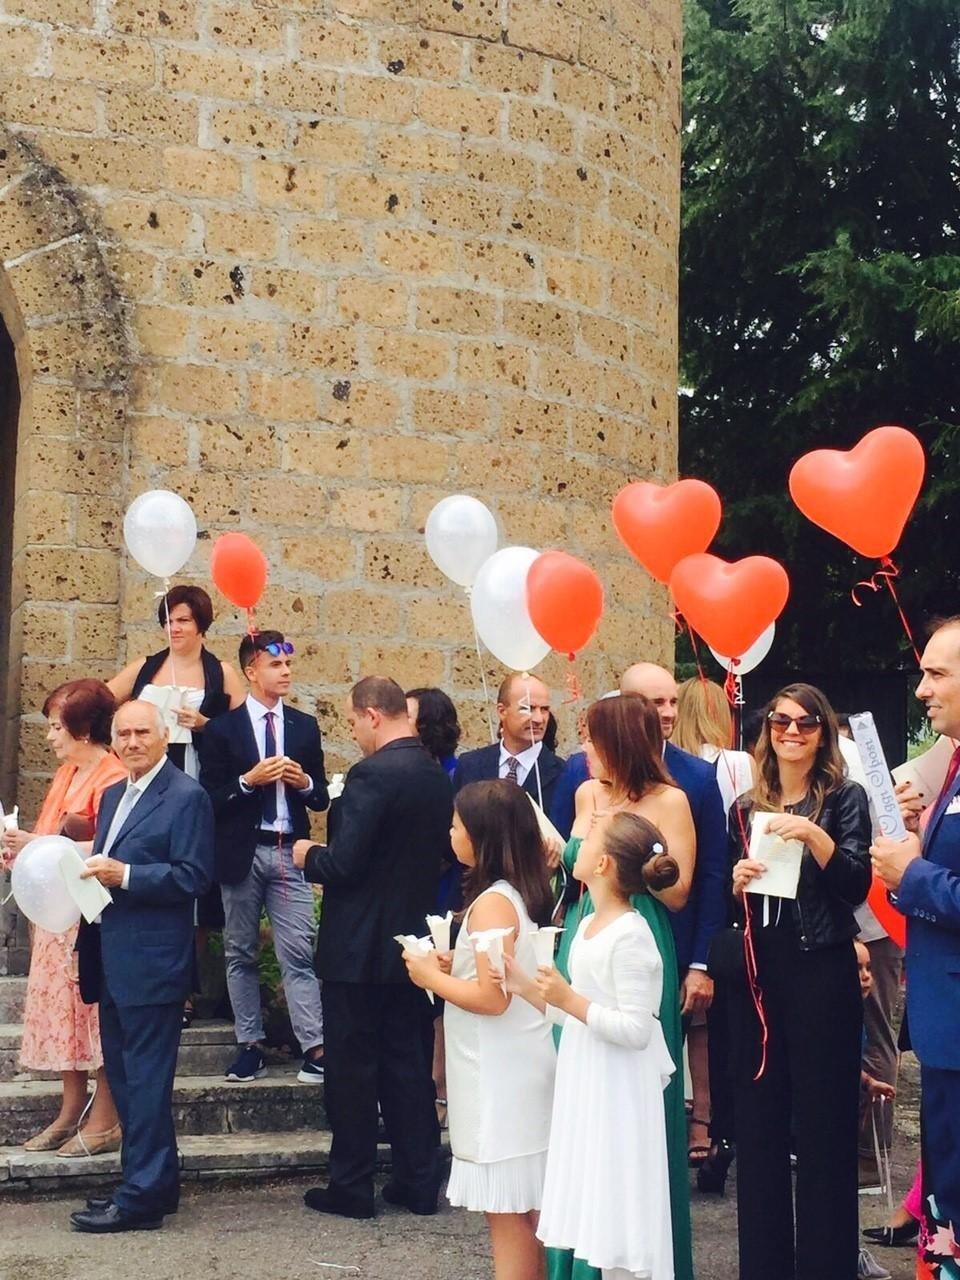 Saluto agli sposi con palloncini